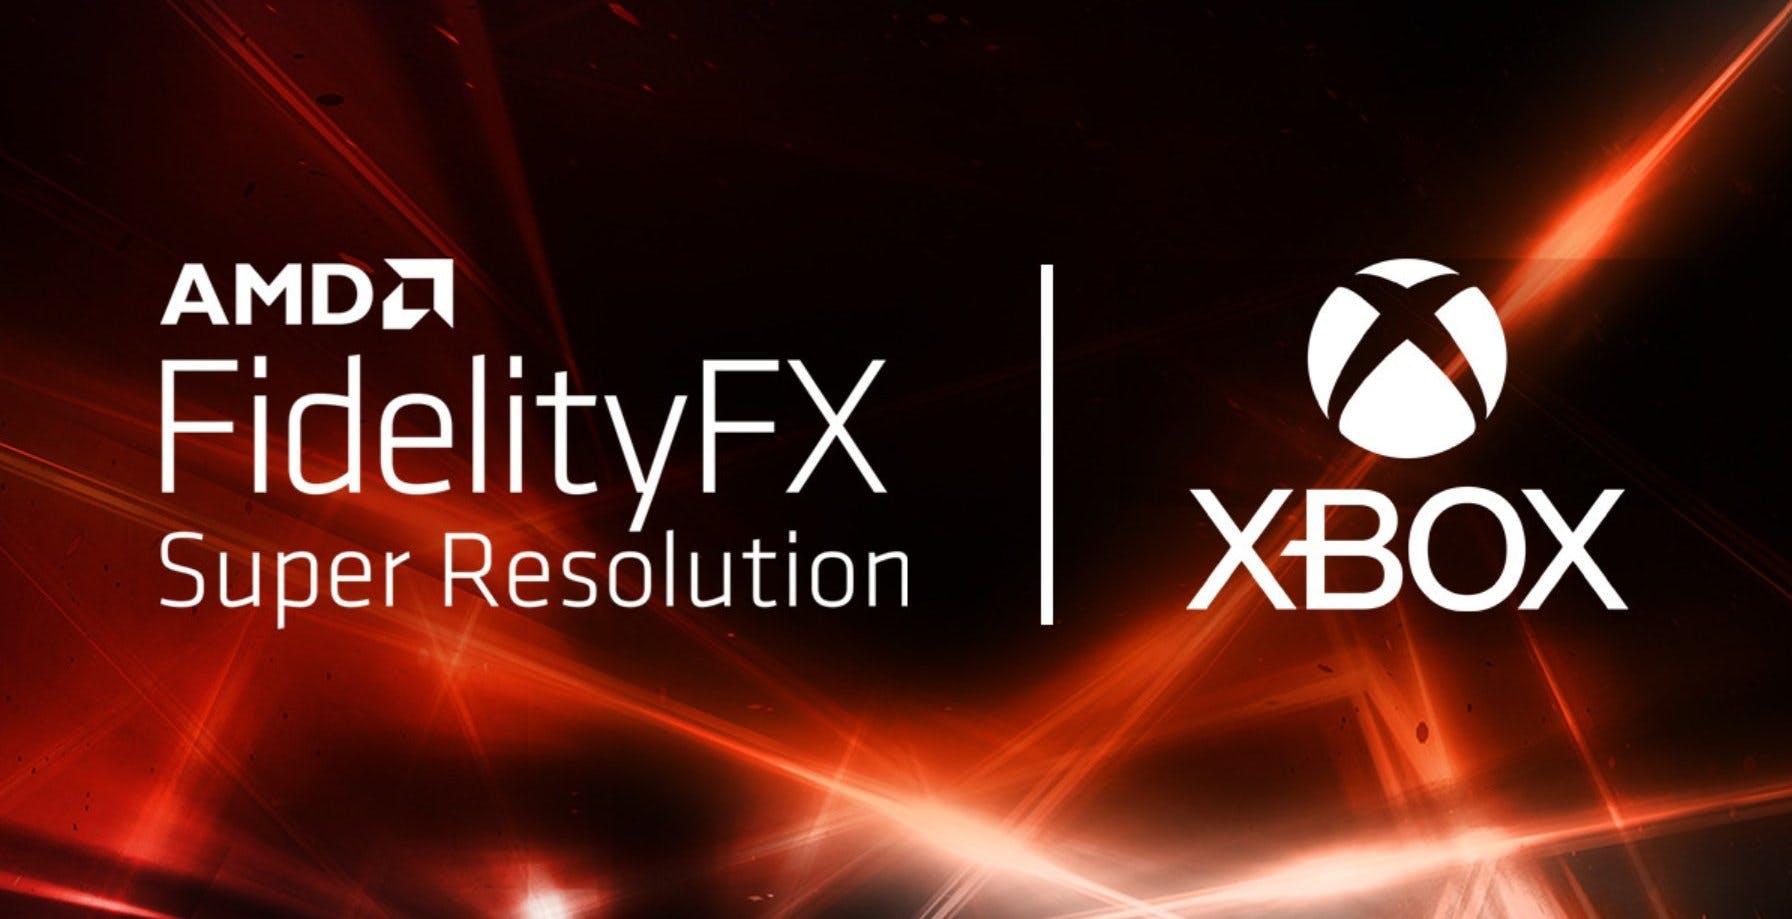 La tecnologia FidelityFX Super Resolution di AMD sbarcherà anche su console Xbox